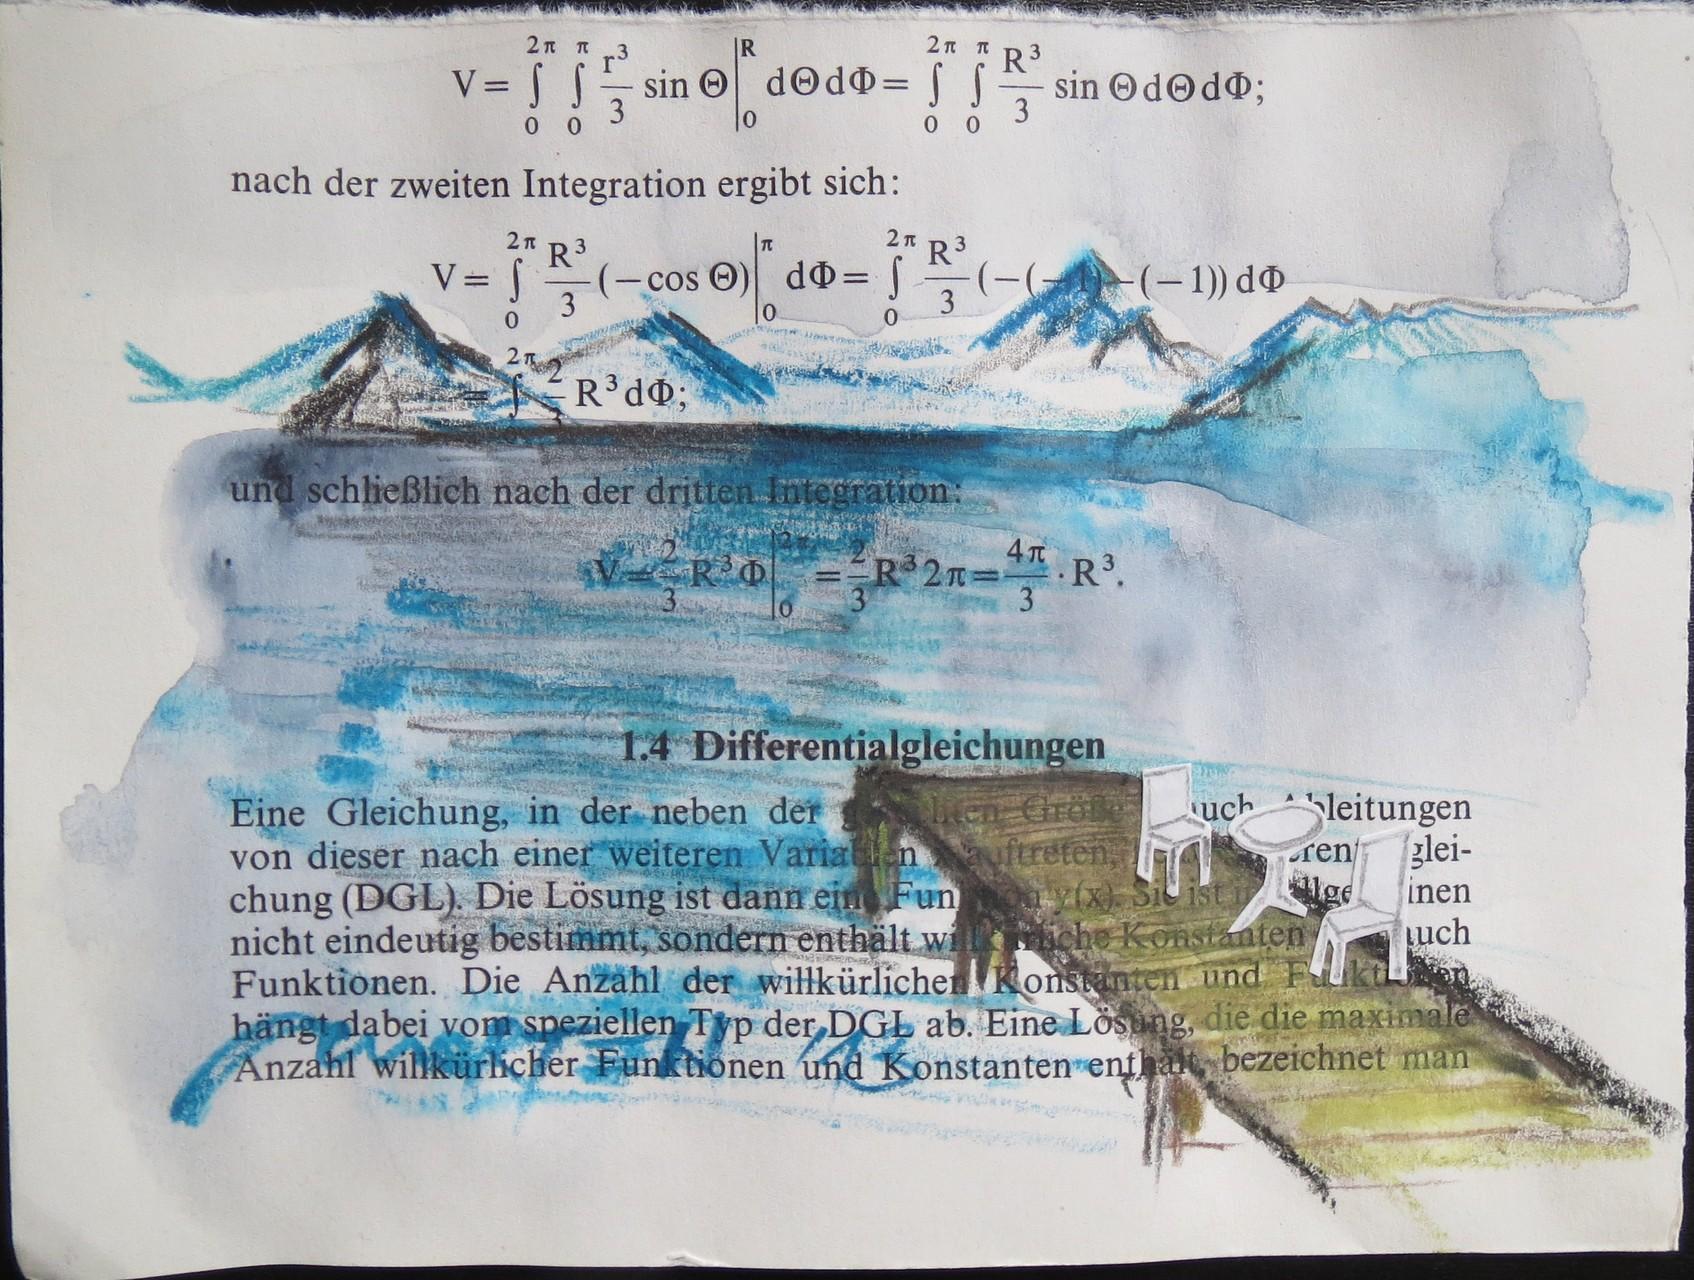 DIFFERENTIAL, 2013, Johannes Morten, 10,5 x 14,8 cm, Graphit, Acryl, Aquarell, Papier auf Buchseite